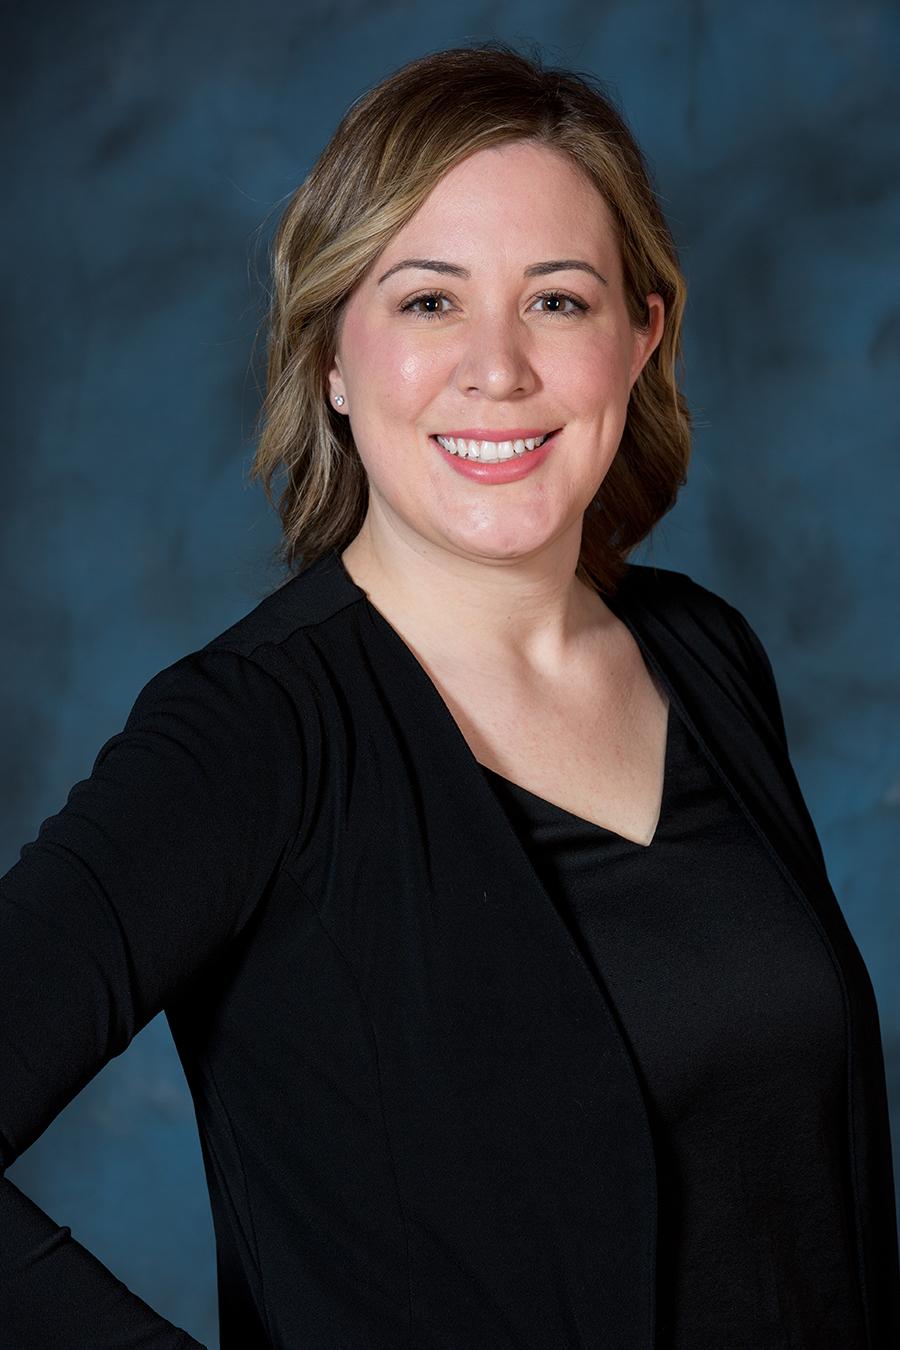 Brittany Yozamp